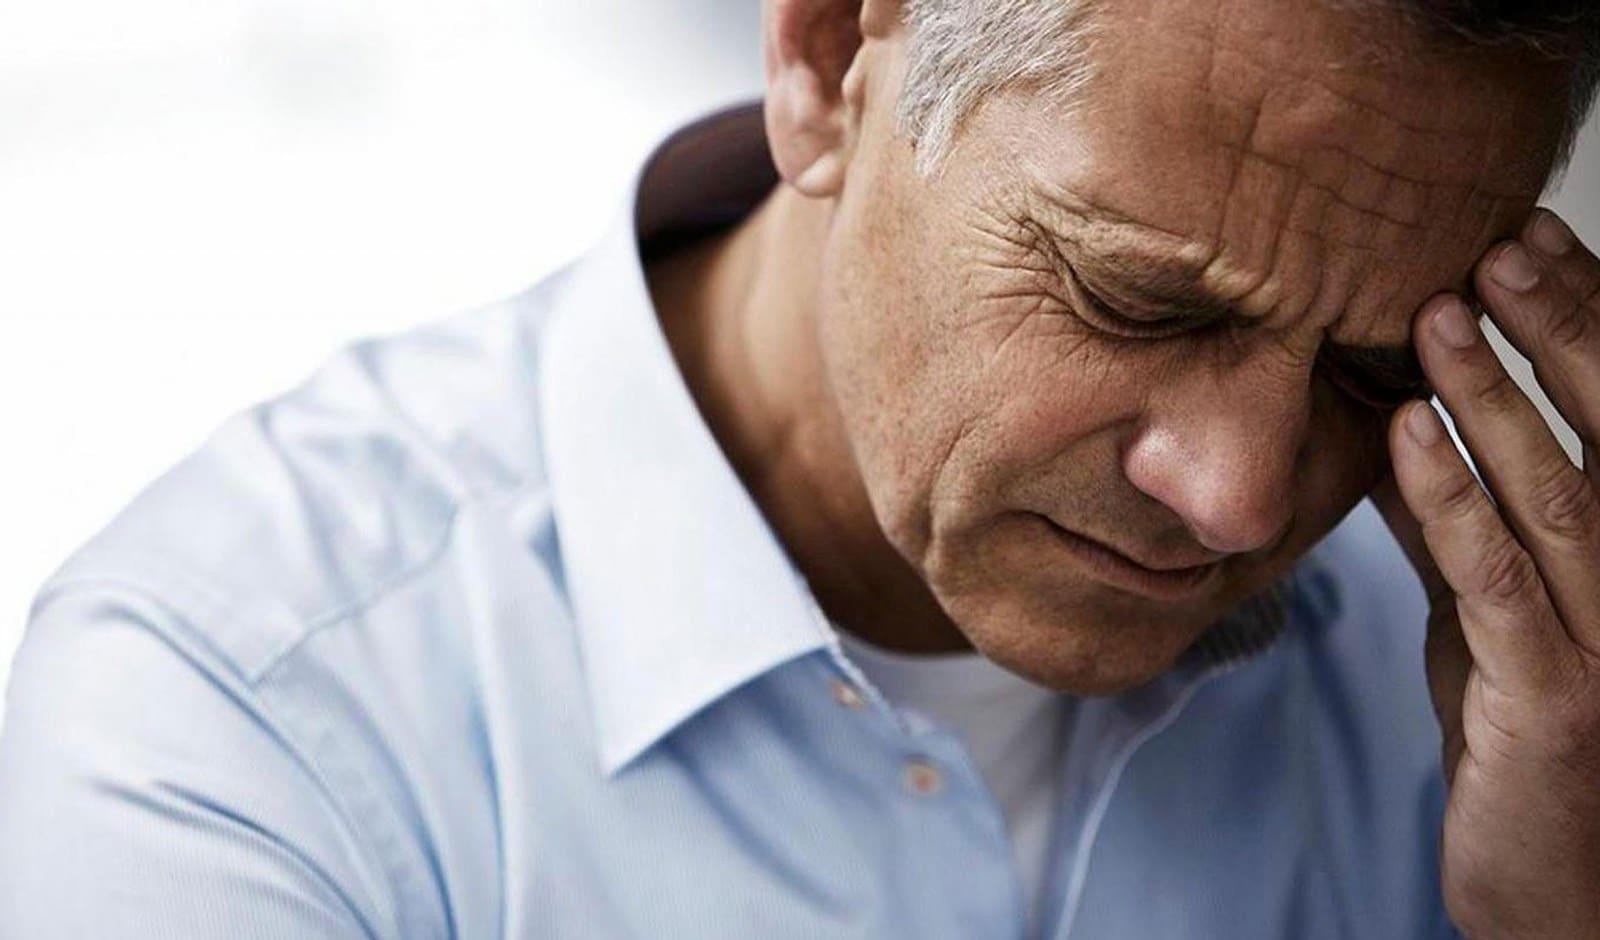 Орнитокс побочные эффекты